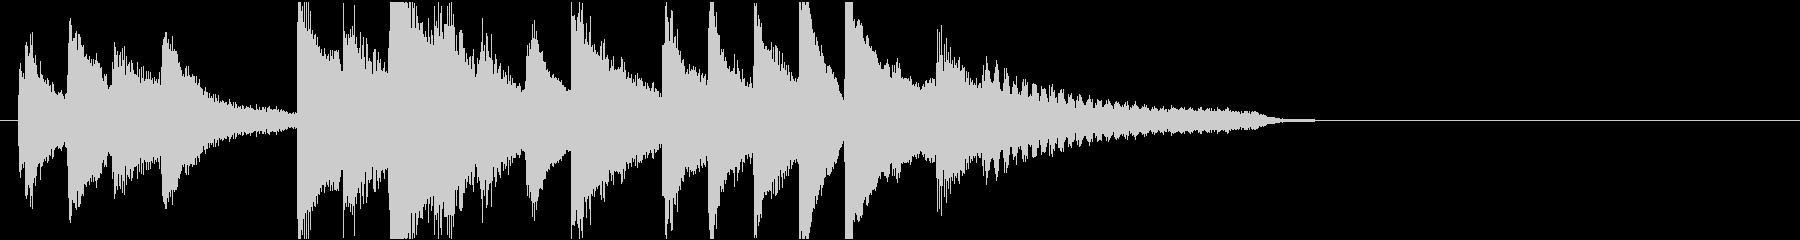 切ない3拍子のピアノジングルの未再生の波形